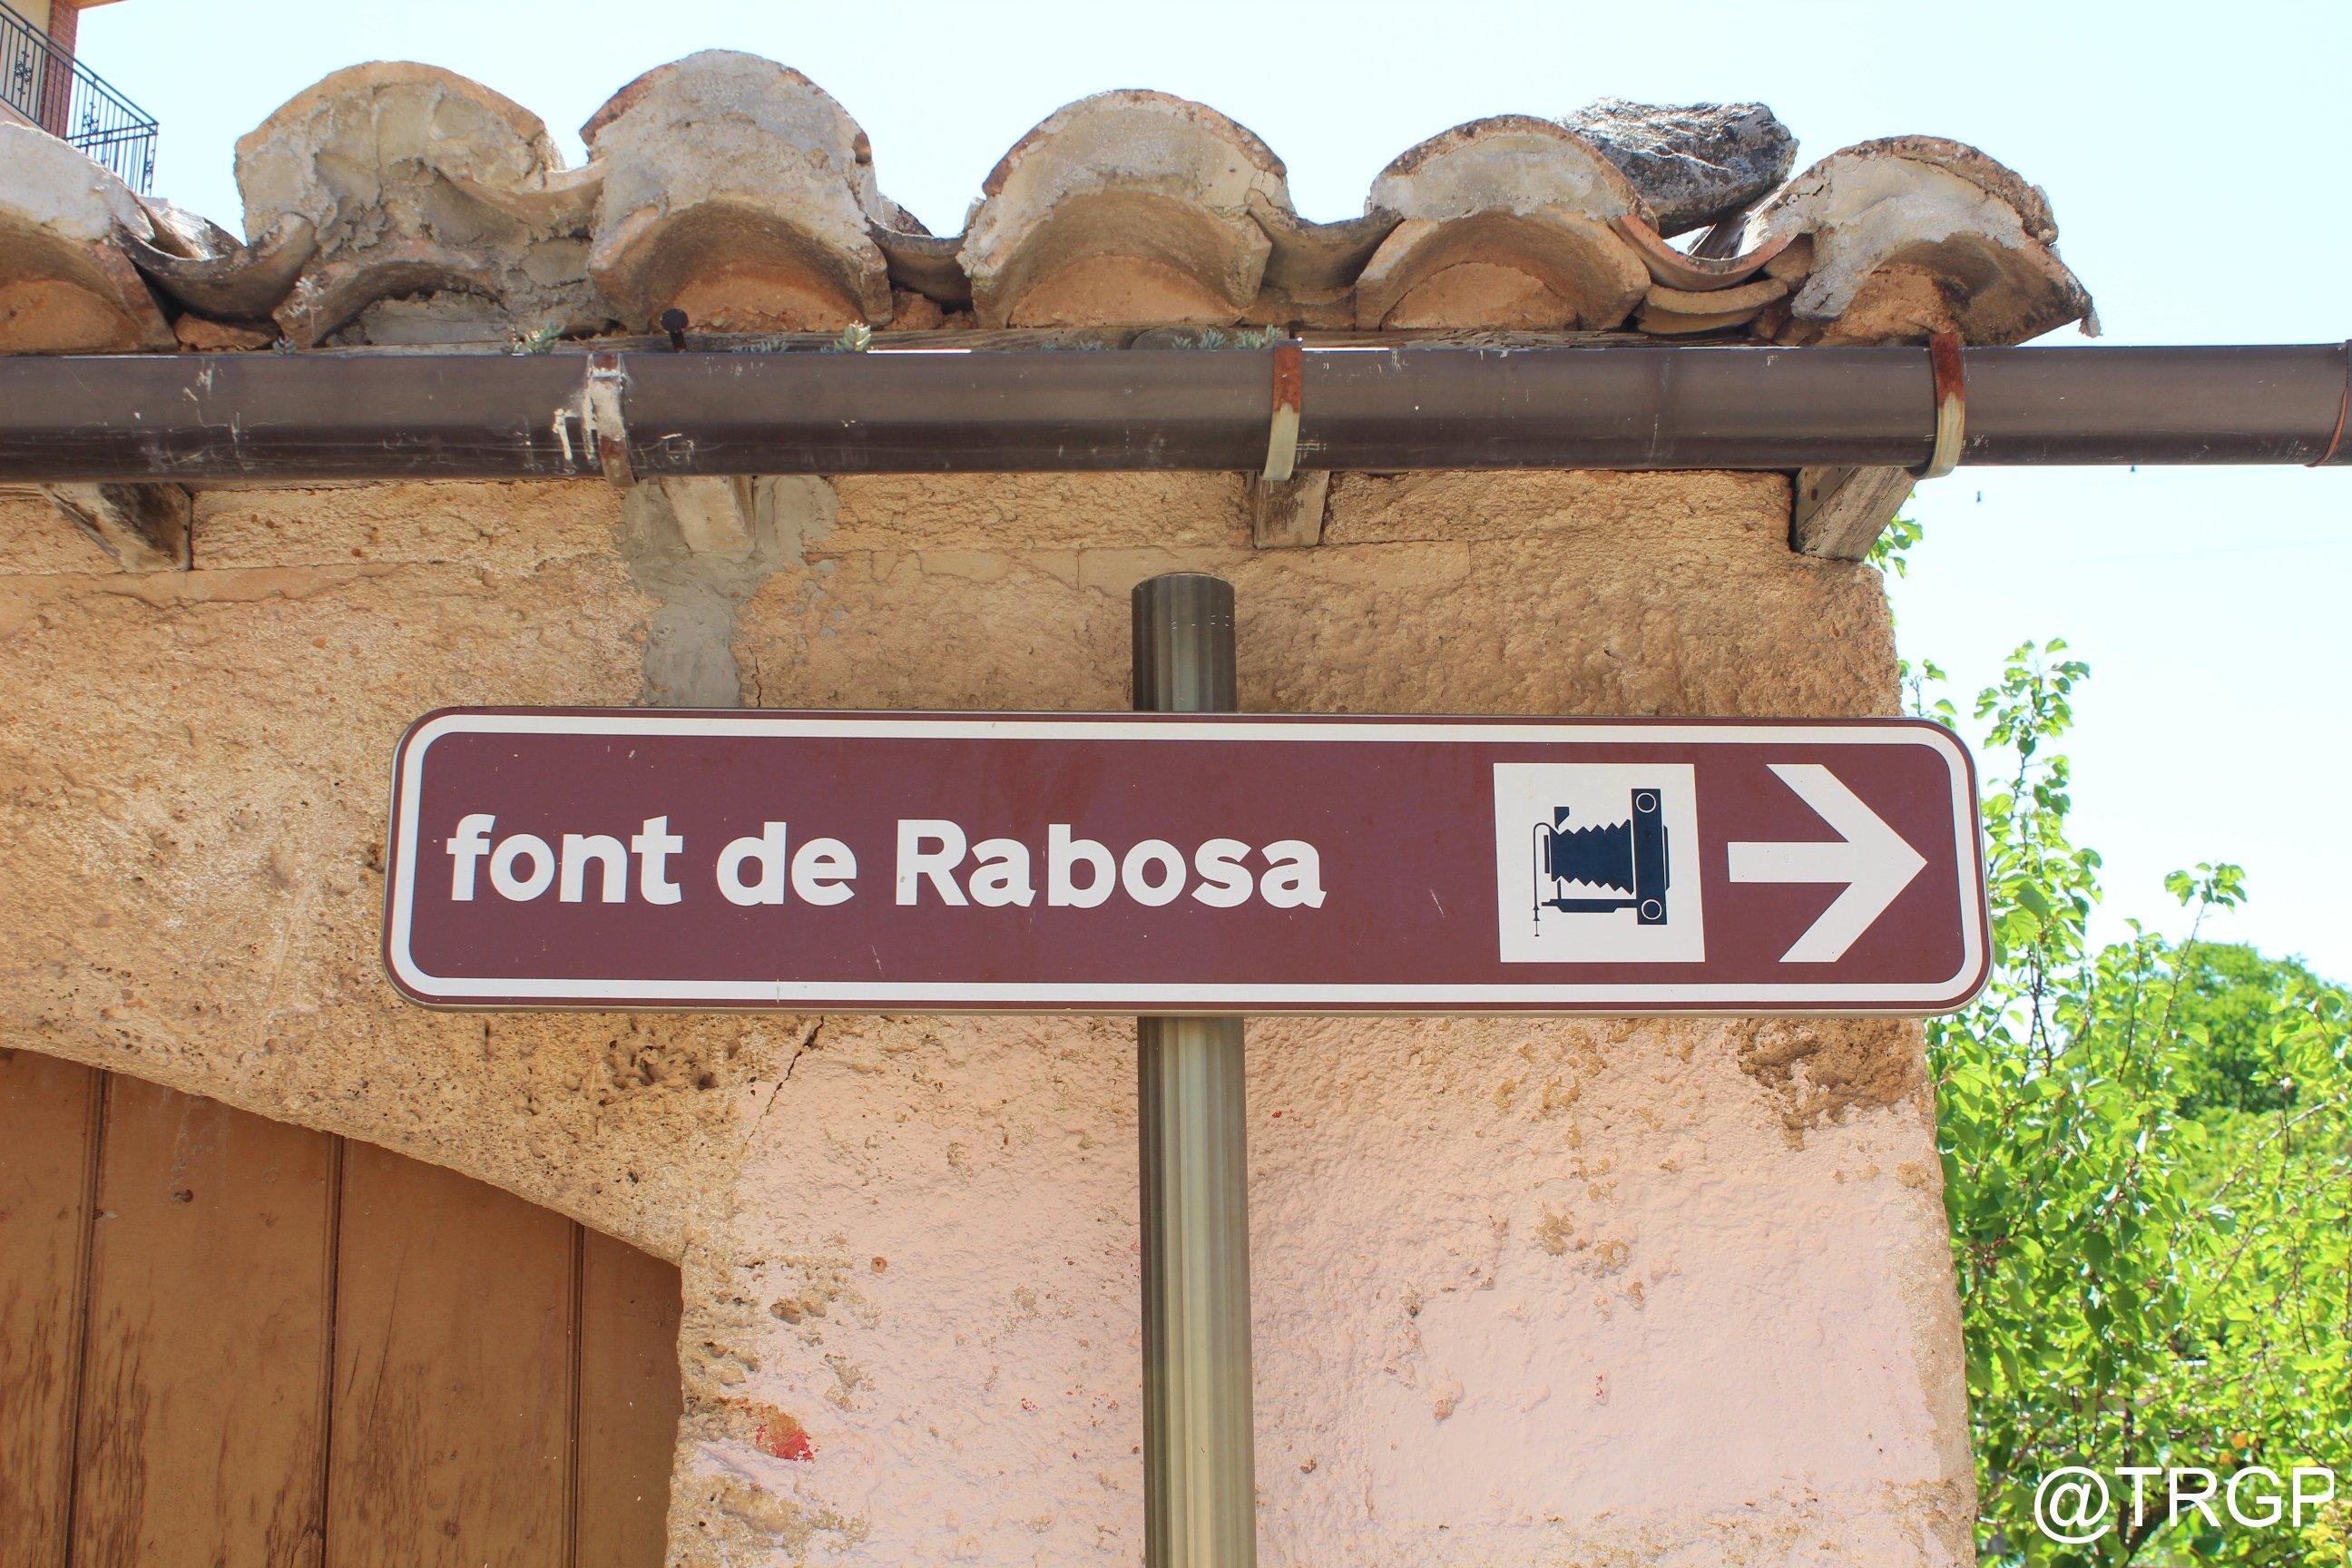 Font de Rabosa